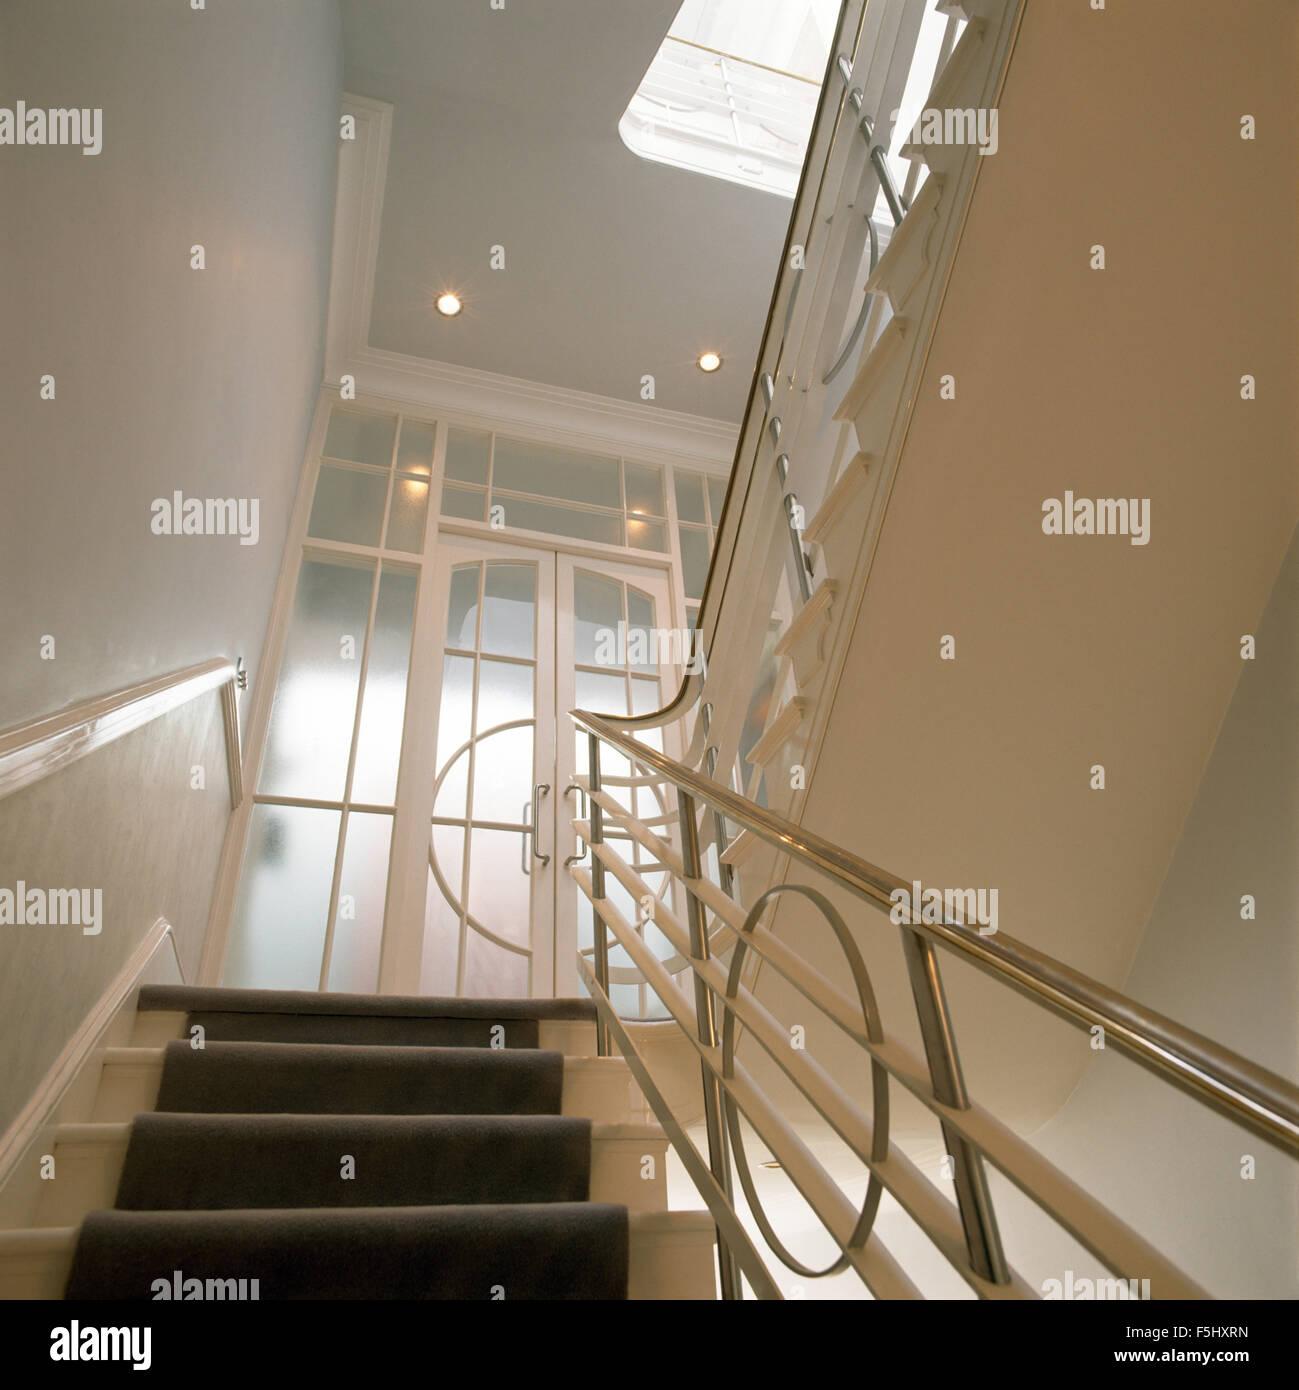 Rampes d'escalier Chrome sur années 30 Photo Stock